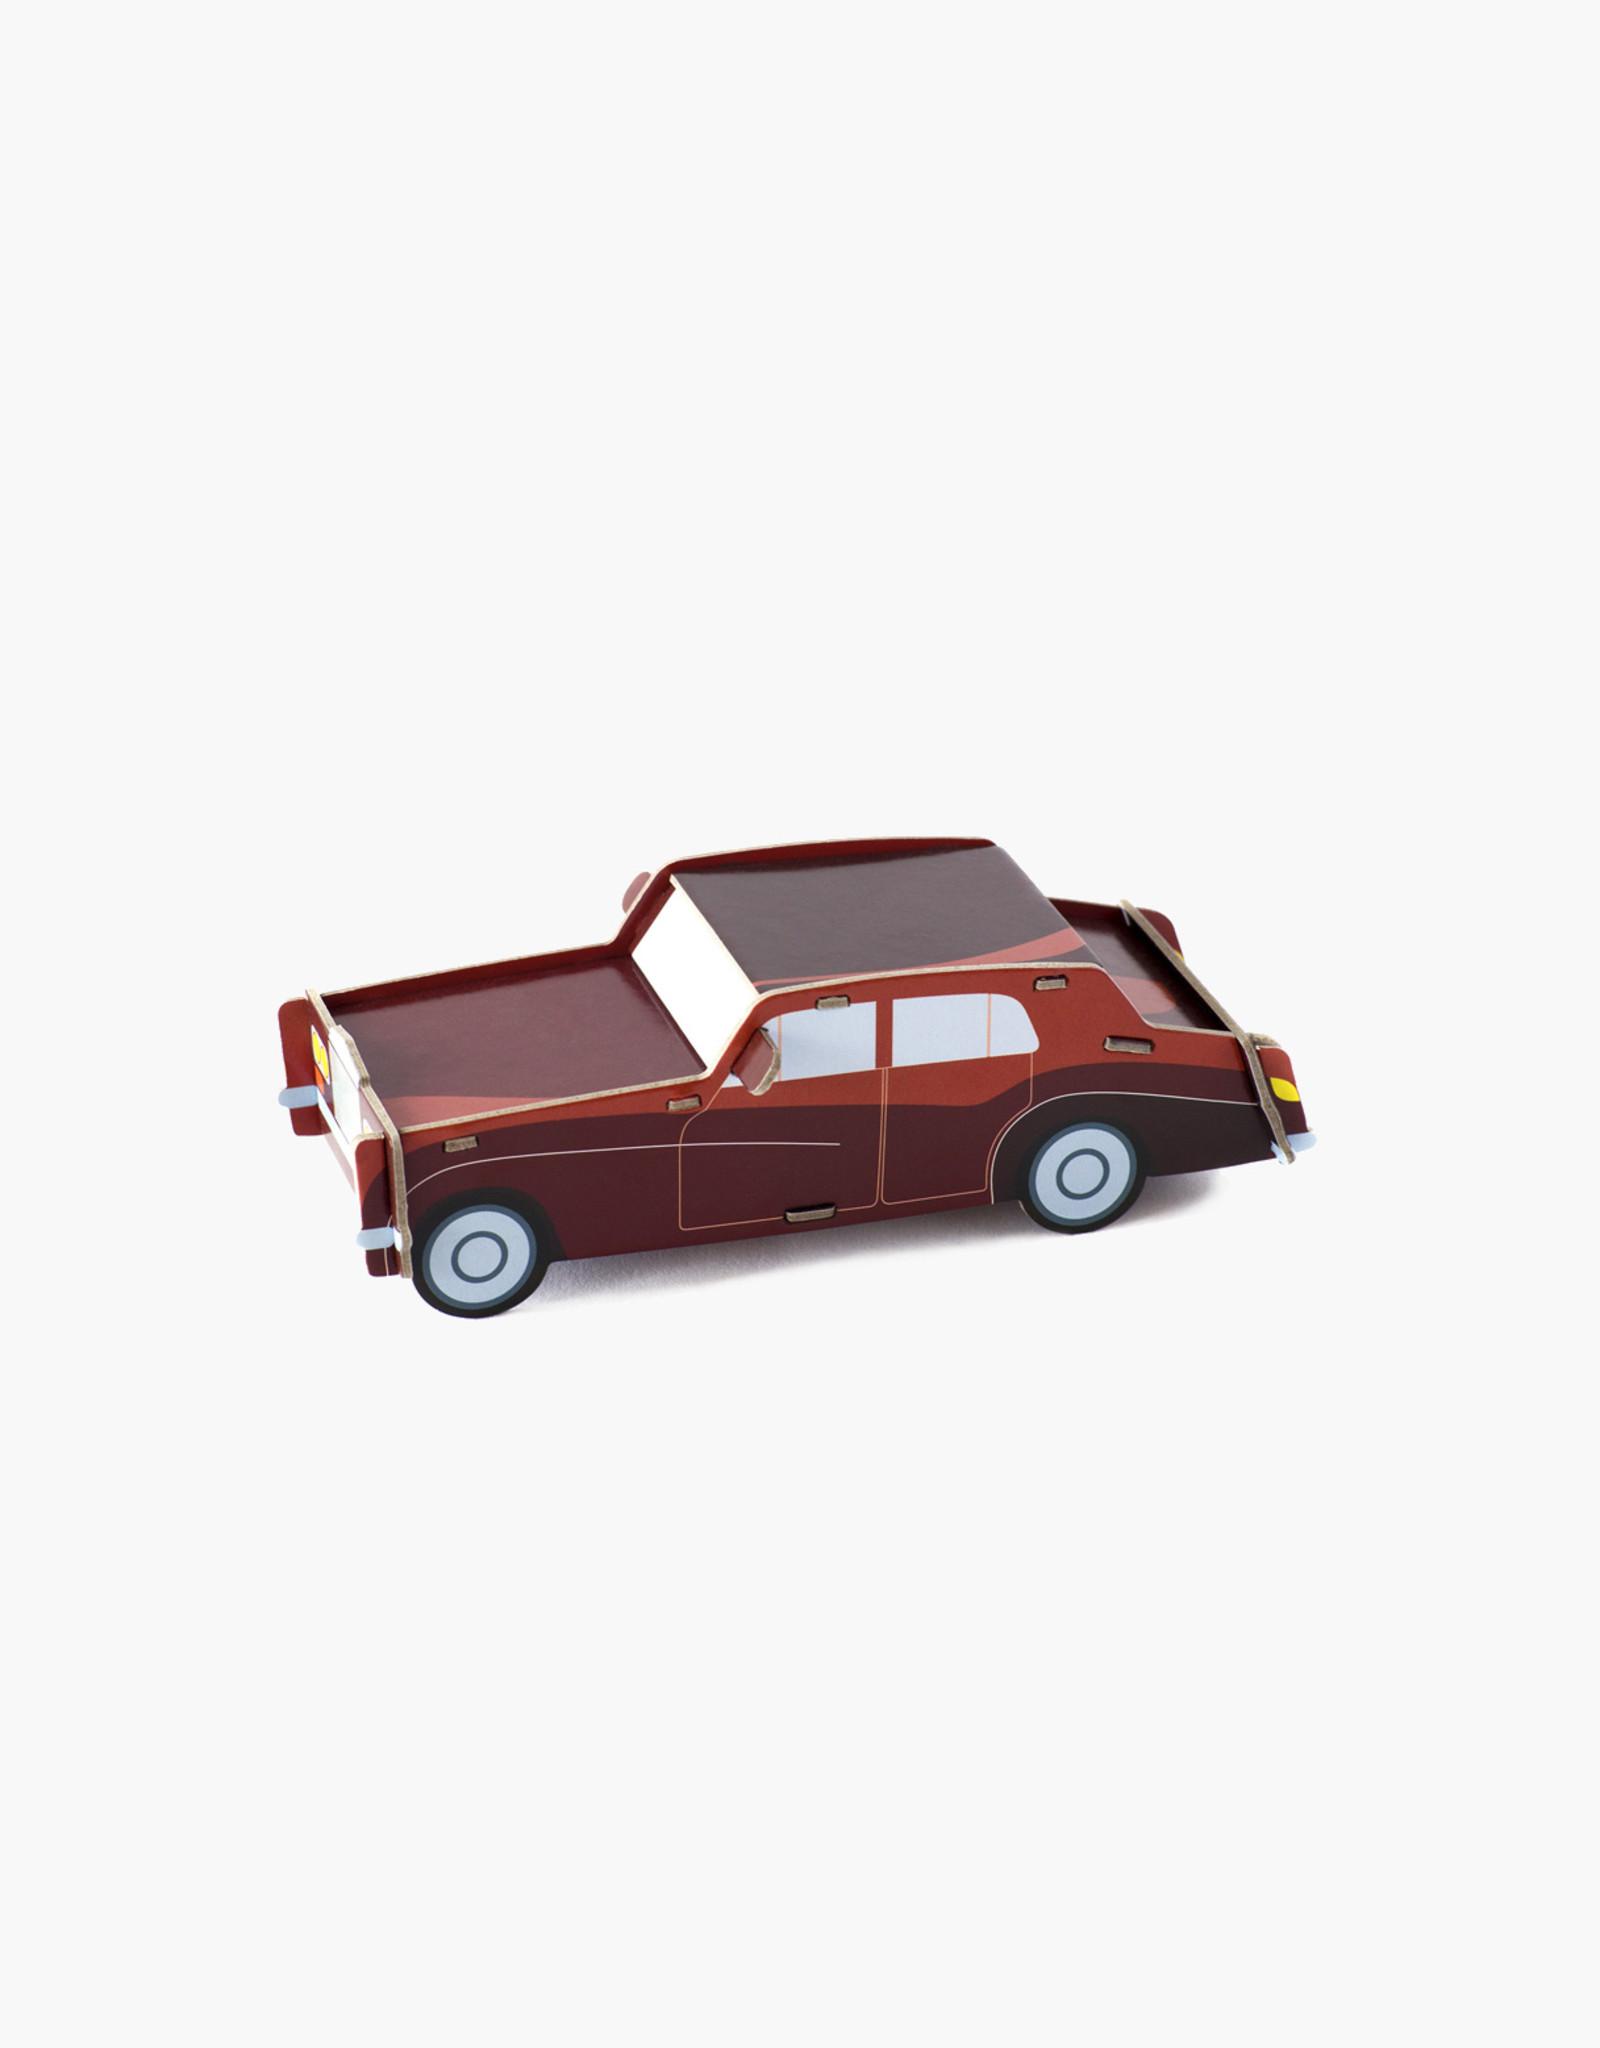 Studioroof Cool Classic Car, Royce